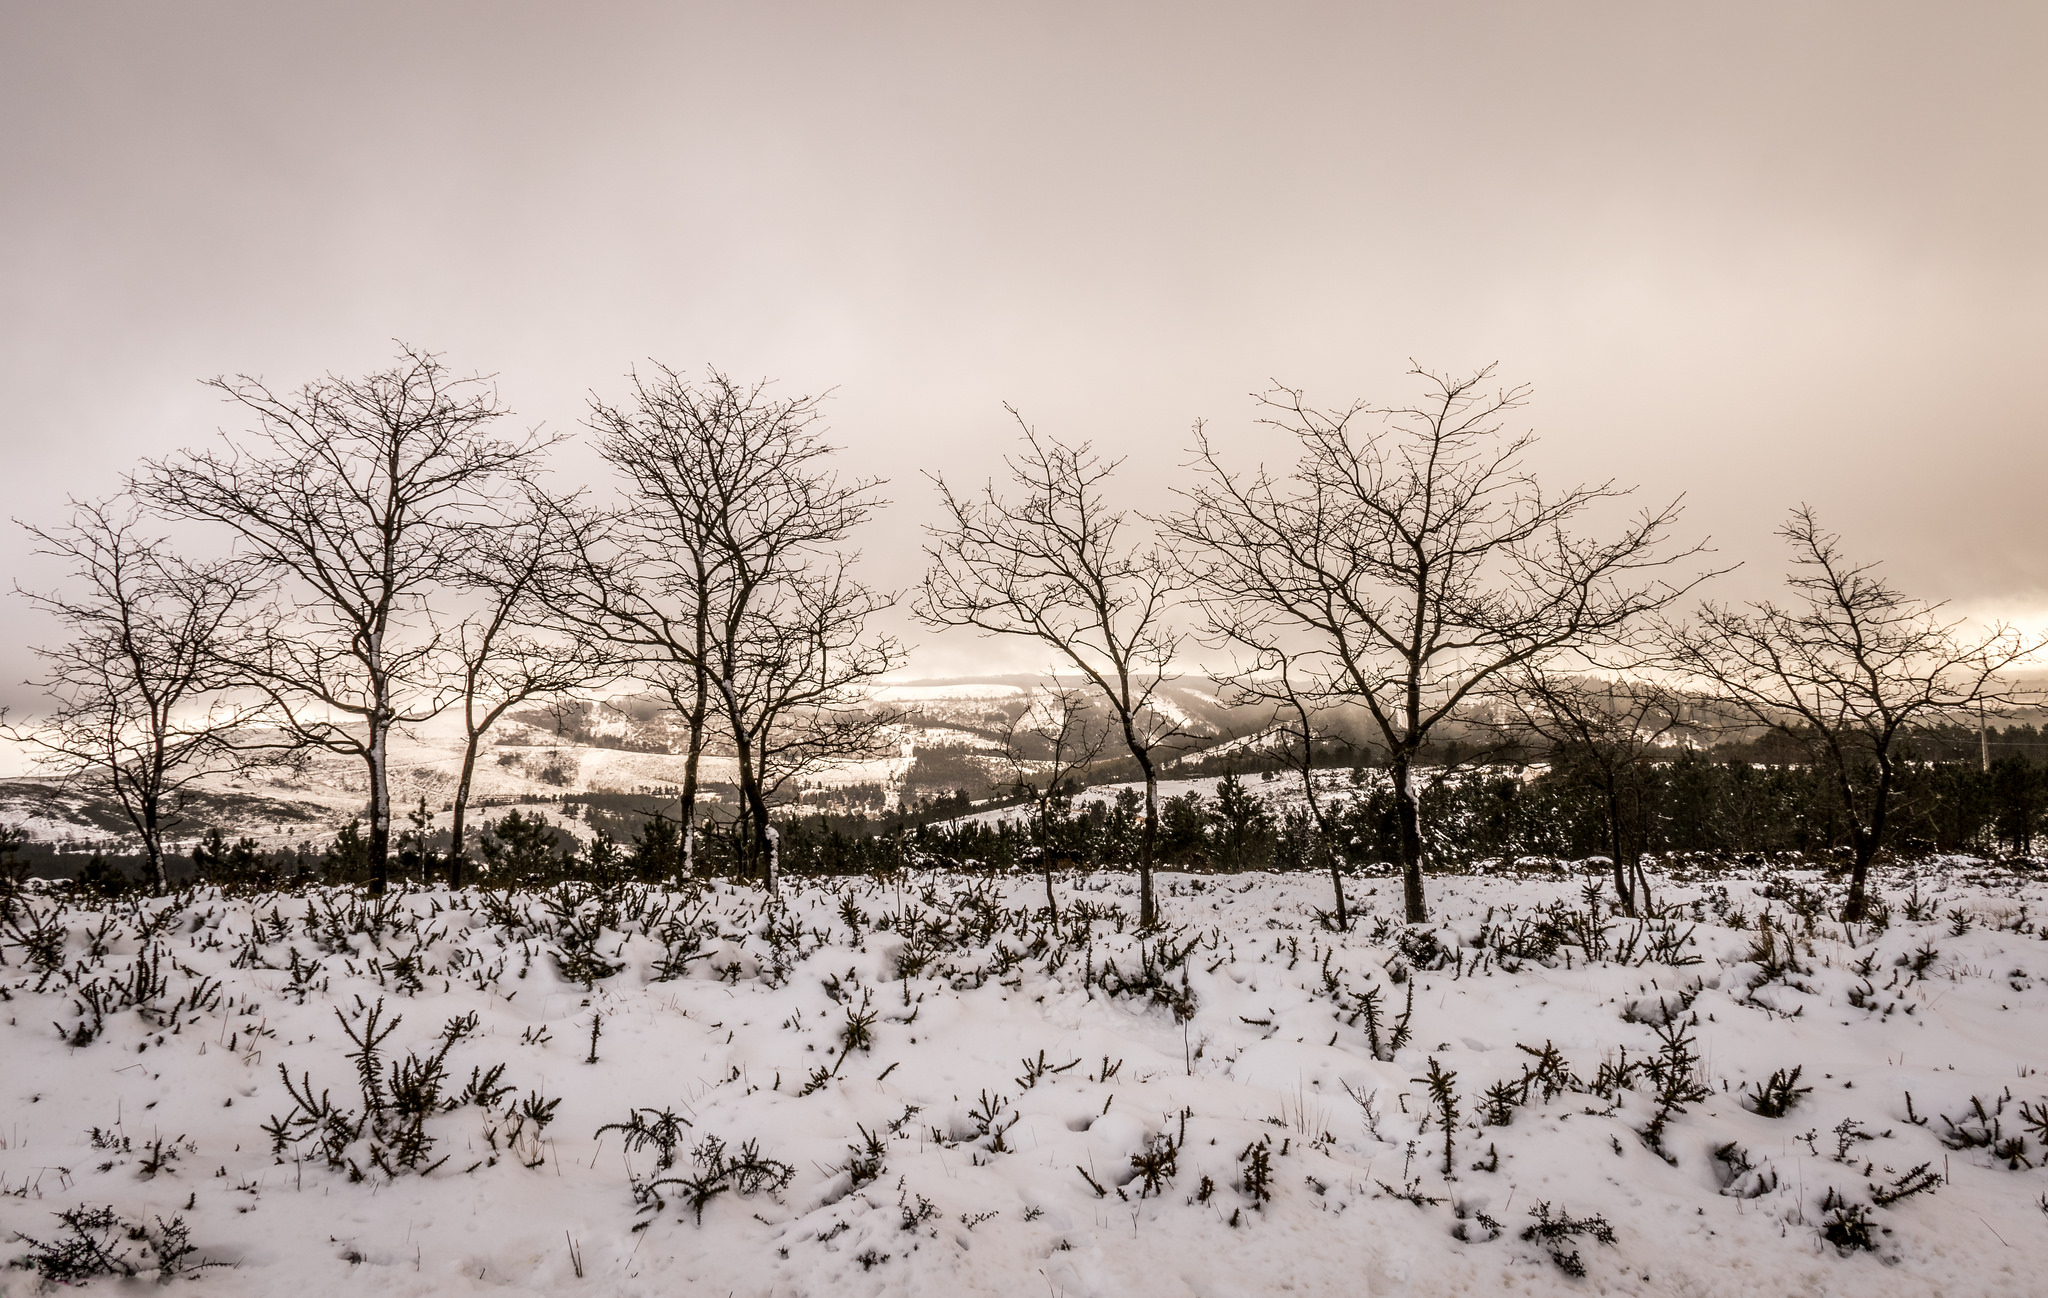 Otoño en las nieves - 2048x1298